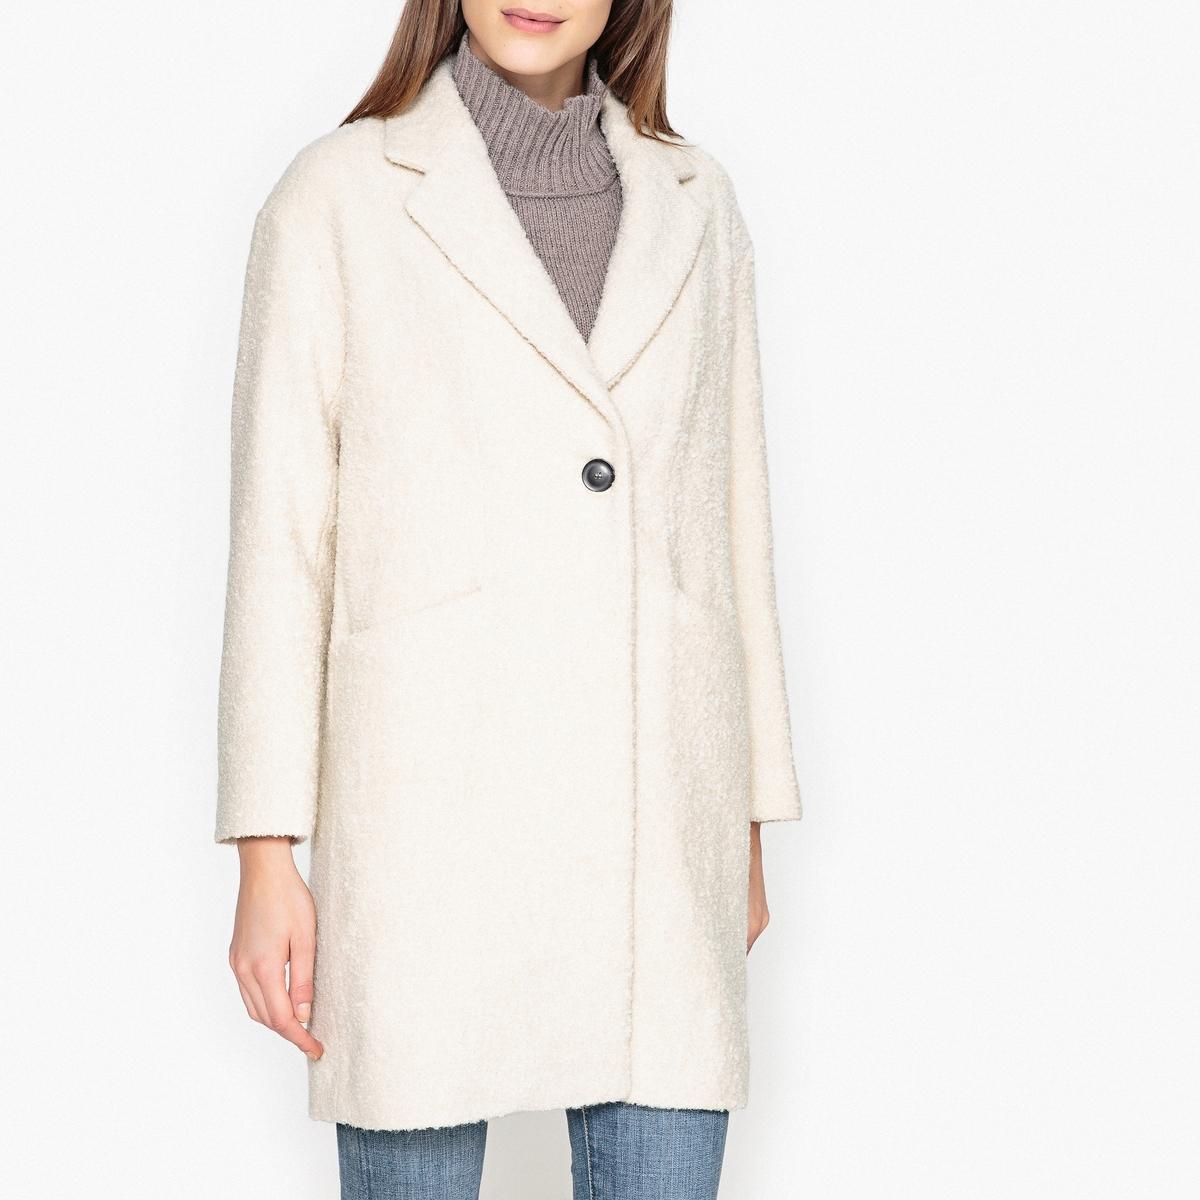 Пальто длинное двухцветное из шерсти и альпаки пальто двухцветное с поясом 70% шерсти